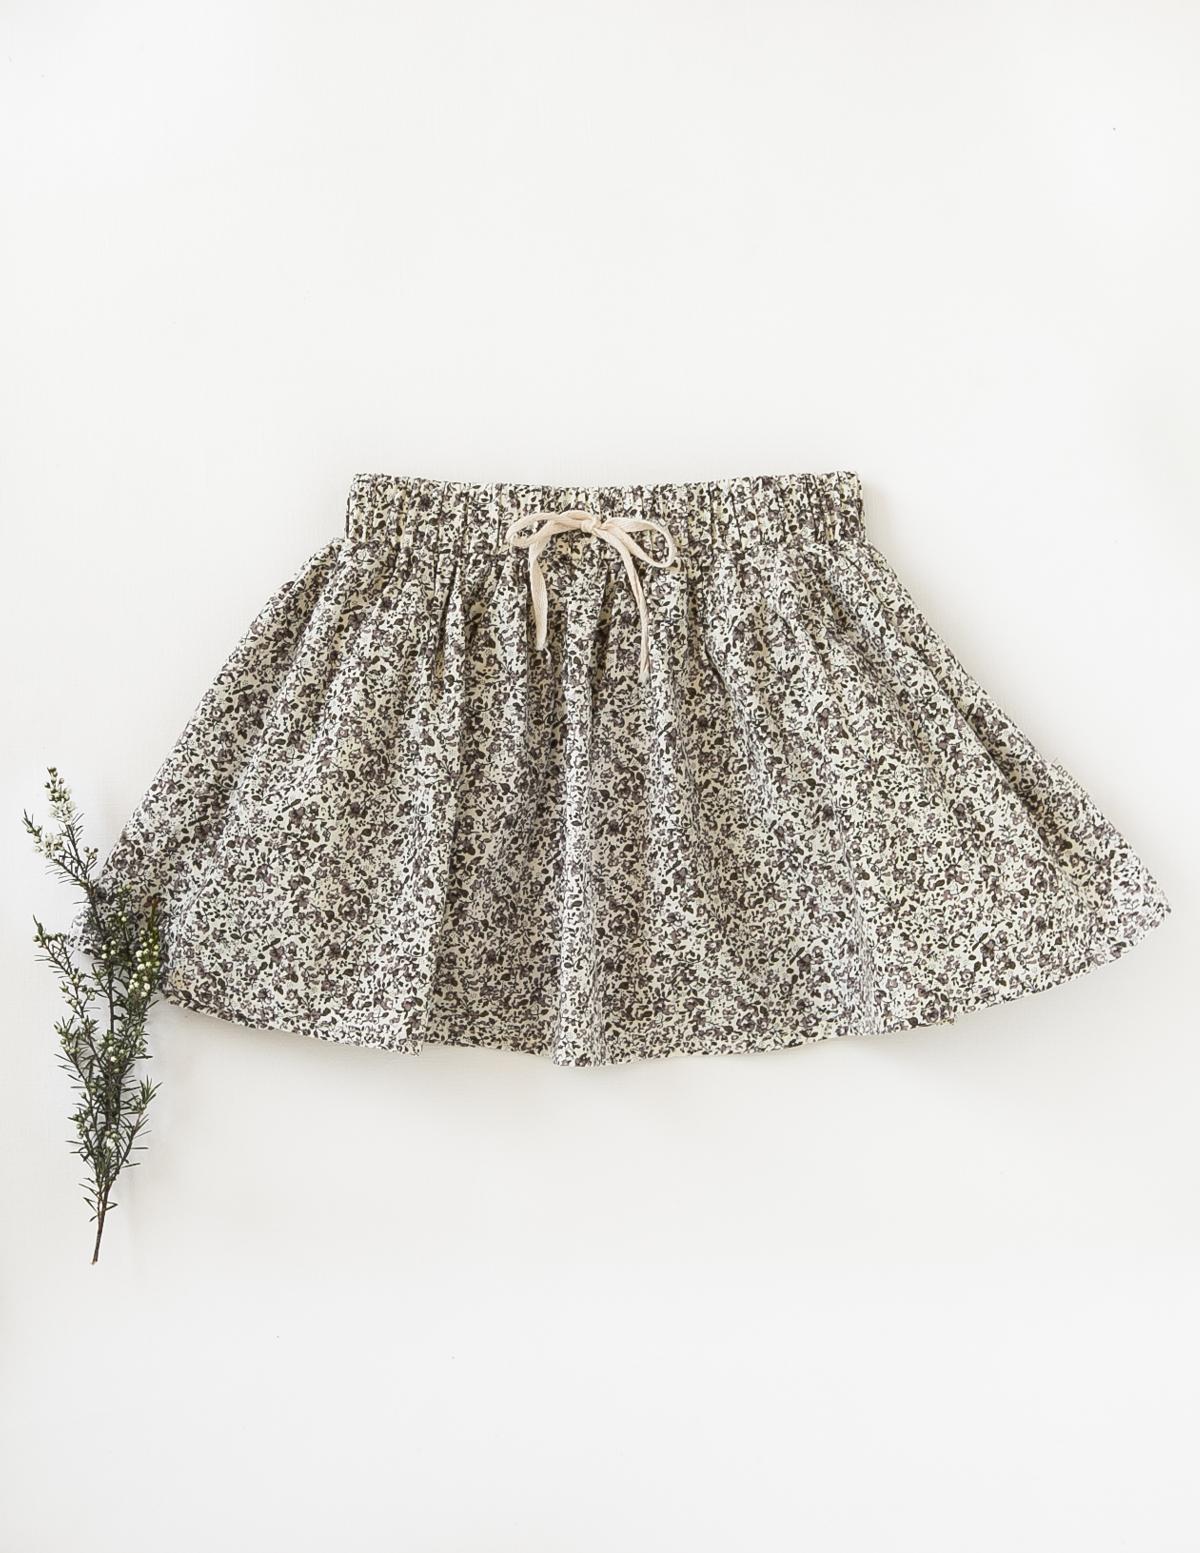 Karibou Kids: Dance and Play Cotton Skirt - Wildflower 4YRS image